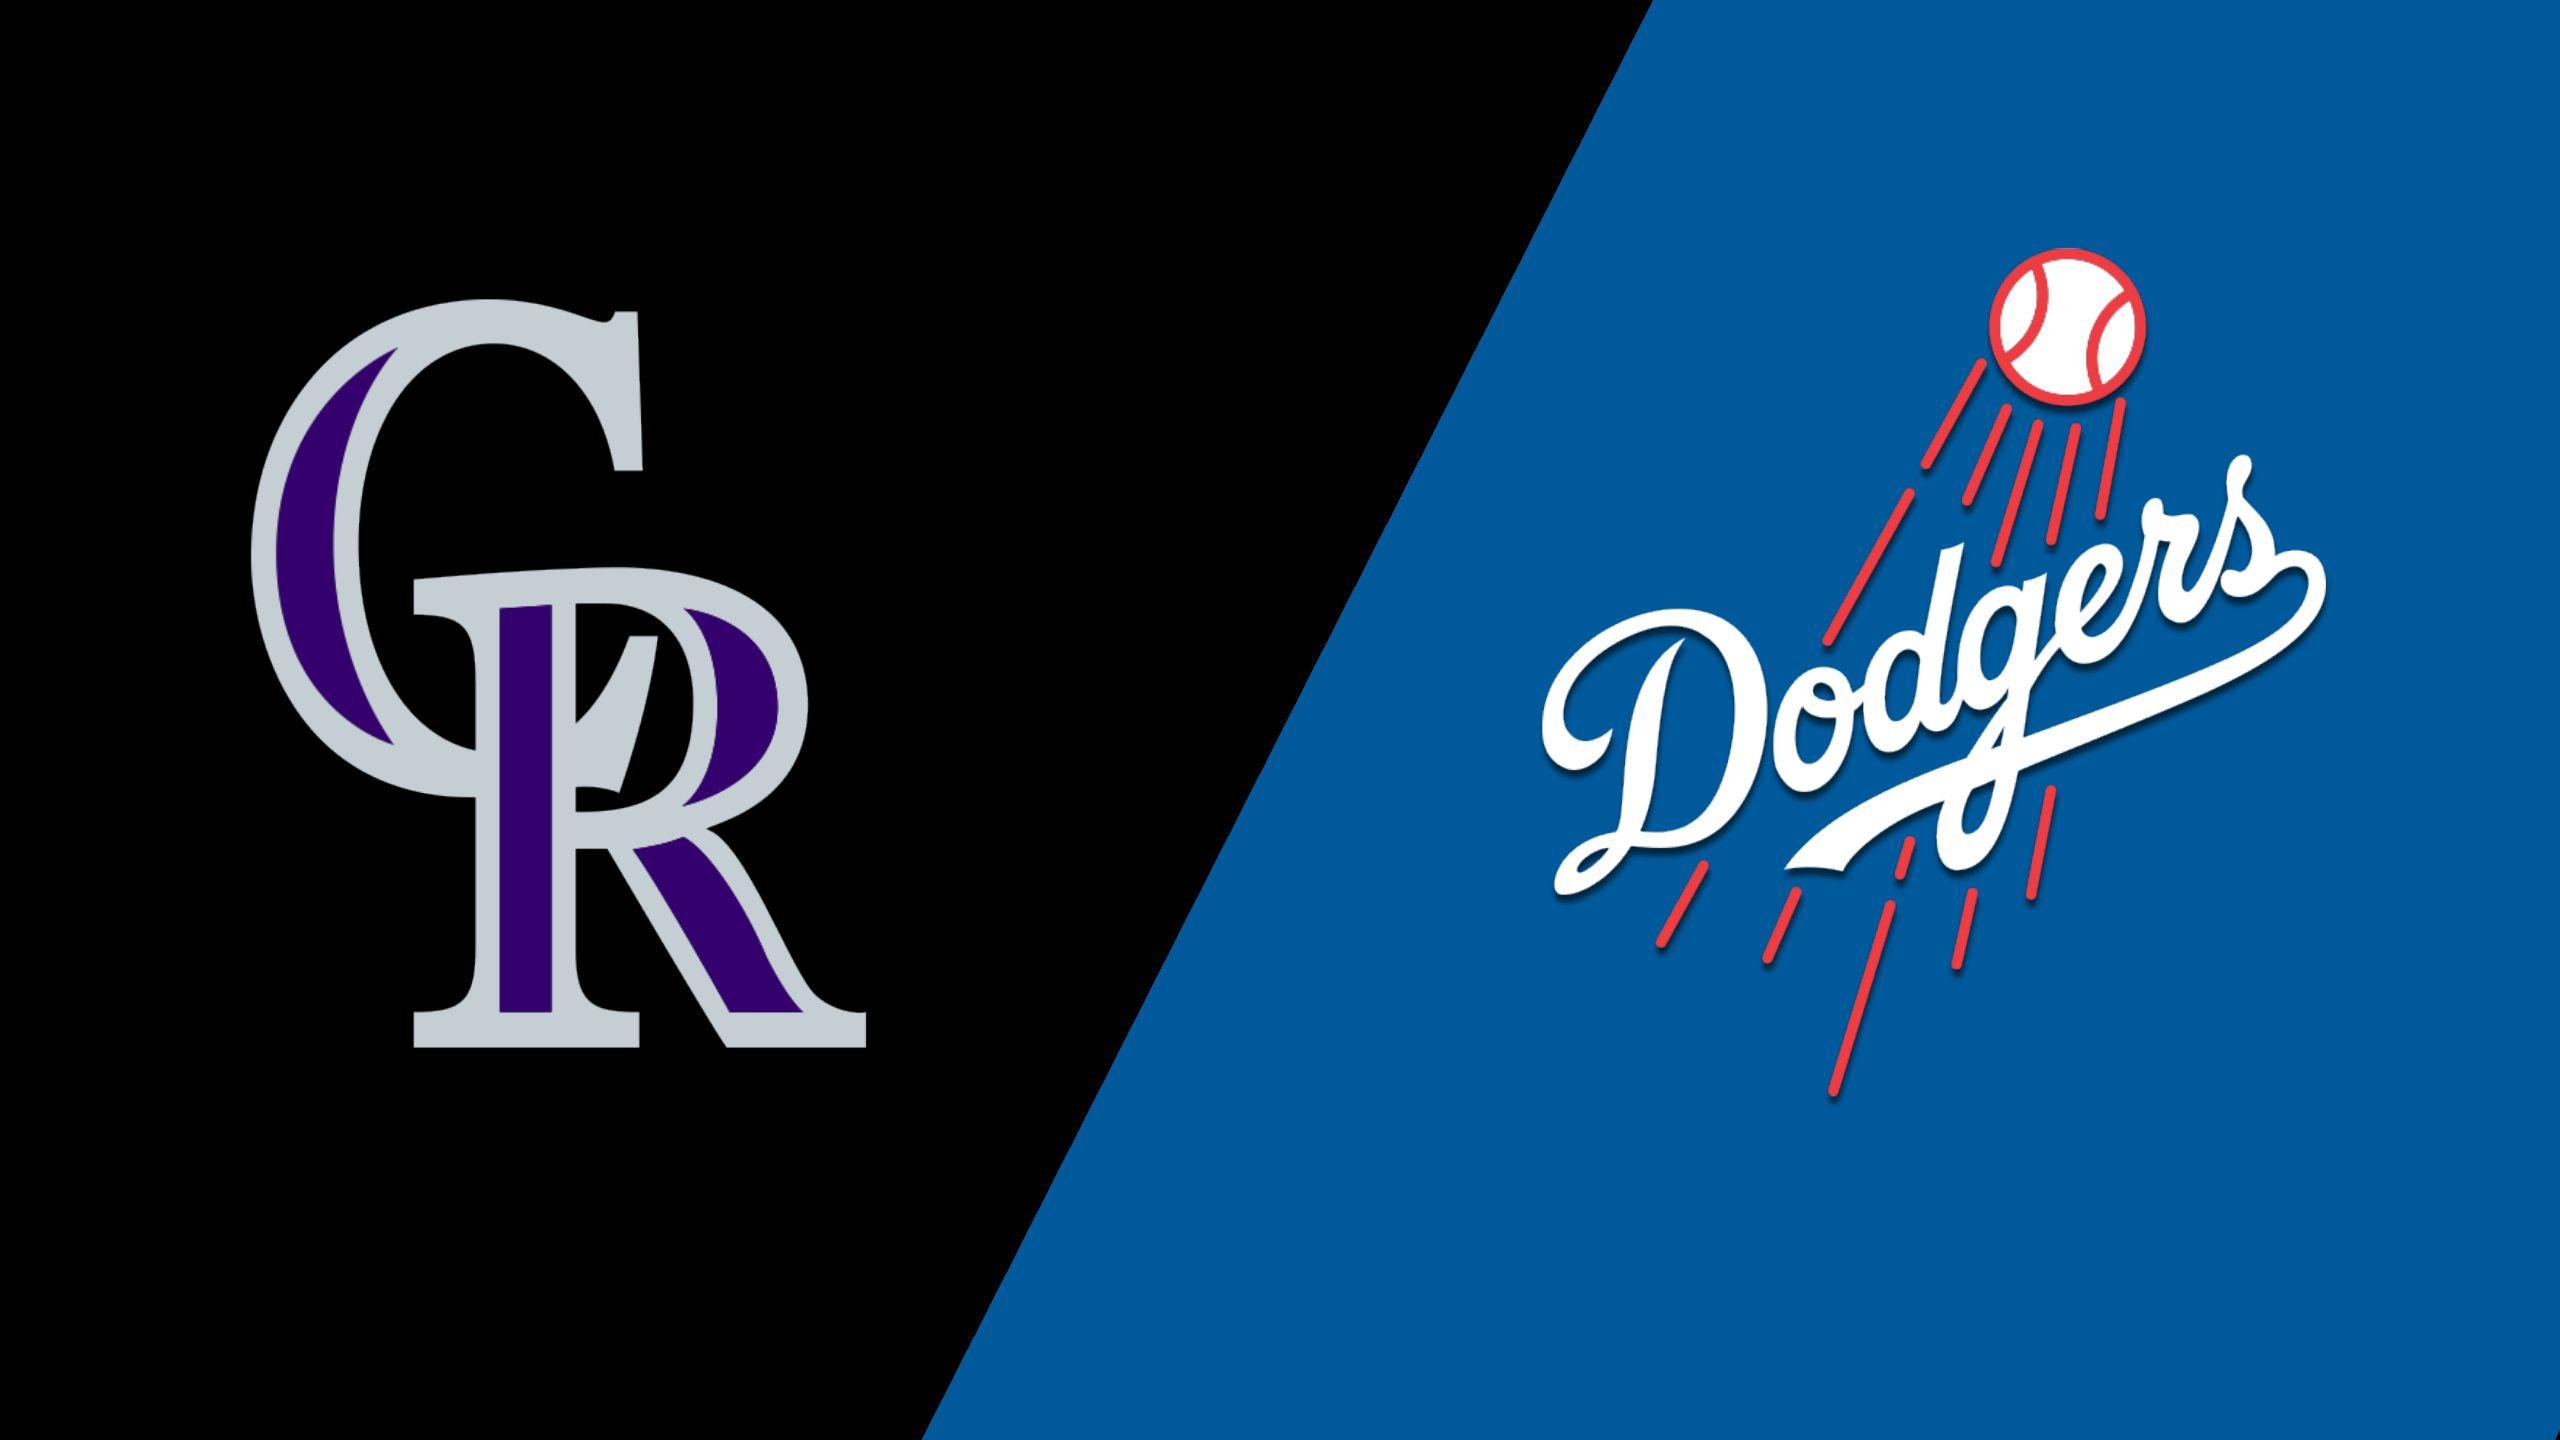 In Spanish - Colorado Rockies vs. Los Angeles Dodgers